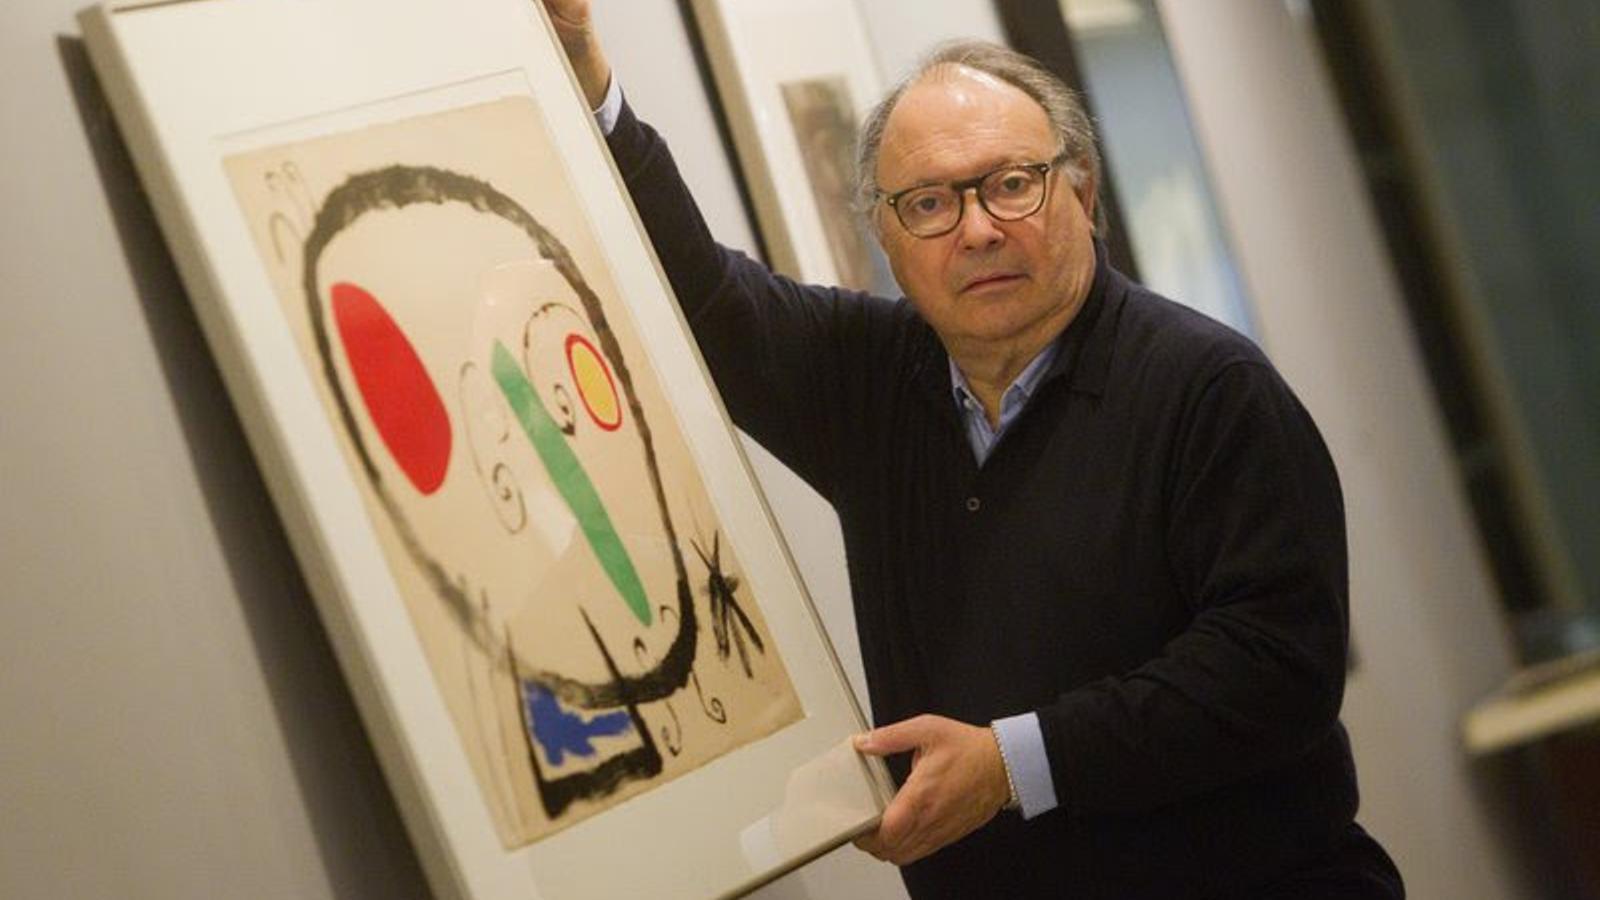 Mor als 80 anys Joan Gaspar, el galerista amic de Picasso